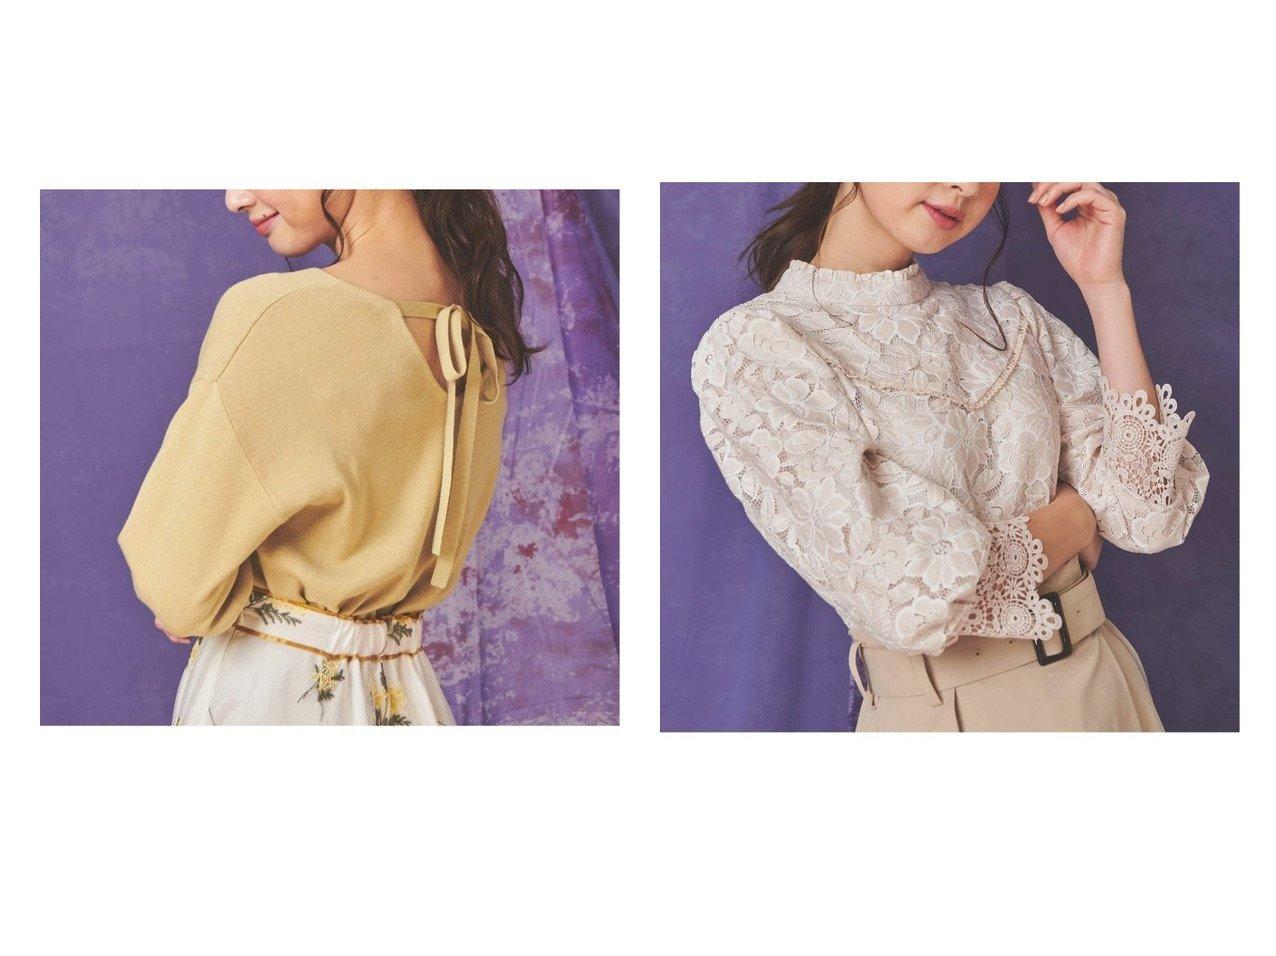 【Noela/ノエラ】のコードレースハイネックブラウス&バックリボンドルマンニット トップス・カットソーのおすすめ!人気、トレンド・レディースファッションの通販  おすすめで人気の流行・トレンド、ファッションの通販商品 メンズファッション・キッズファッション・インテリア・家具・レディースファッション・服の通販 founy(ファニー) https://founy.com/ ファッション Fashion レディースファッション WOMEN トップス Tops Tshirt ニット Knit Tops シャツ/ブラウス Shirts Blouses NEW・新作・新着・新入荷 New Arrivals インナー カラフル スリット ベーシック リボン 春 Spring  ID:crp329100000010488